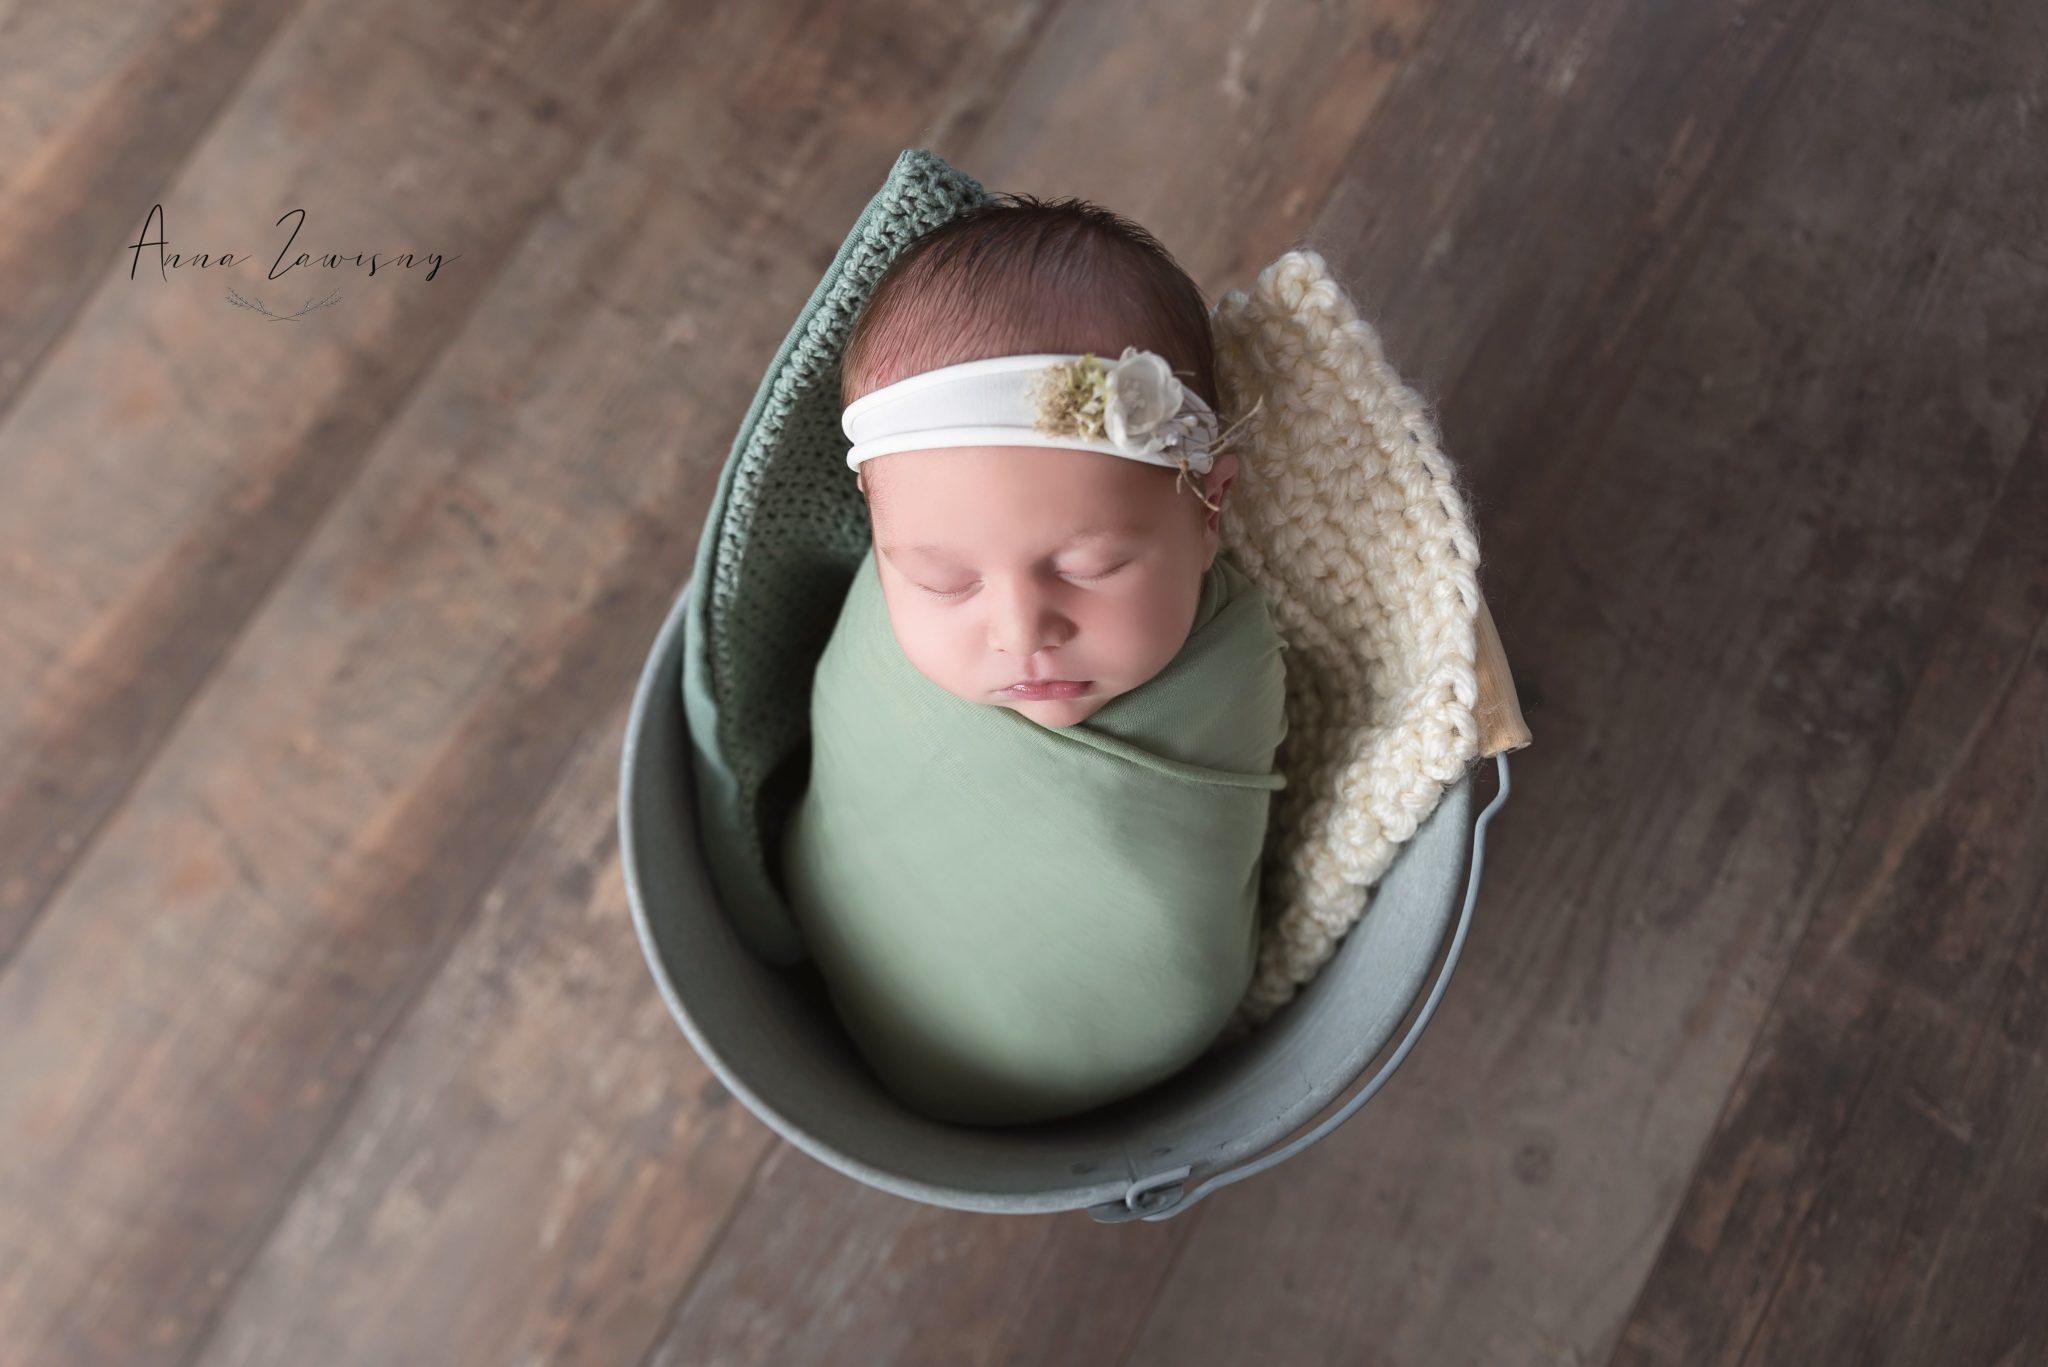 Photographe nouveau né bébé oise seine et marne val d'oise (9)-min